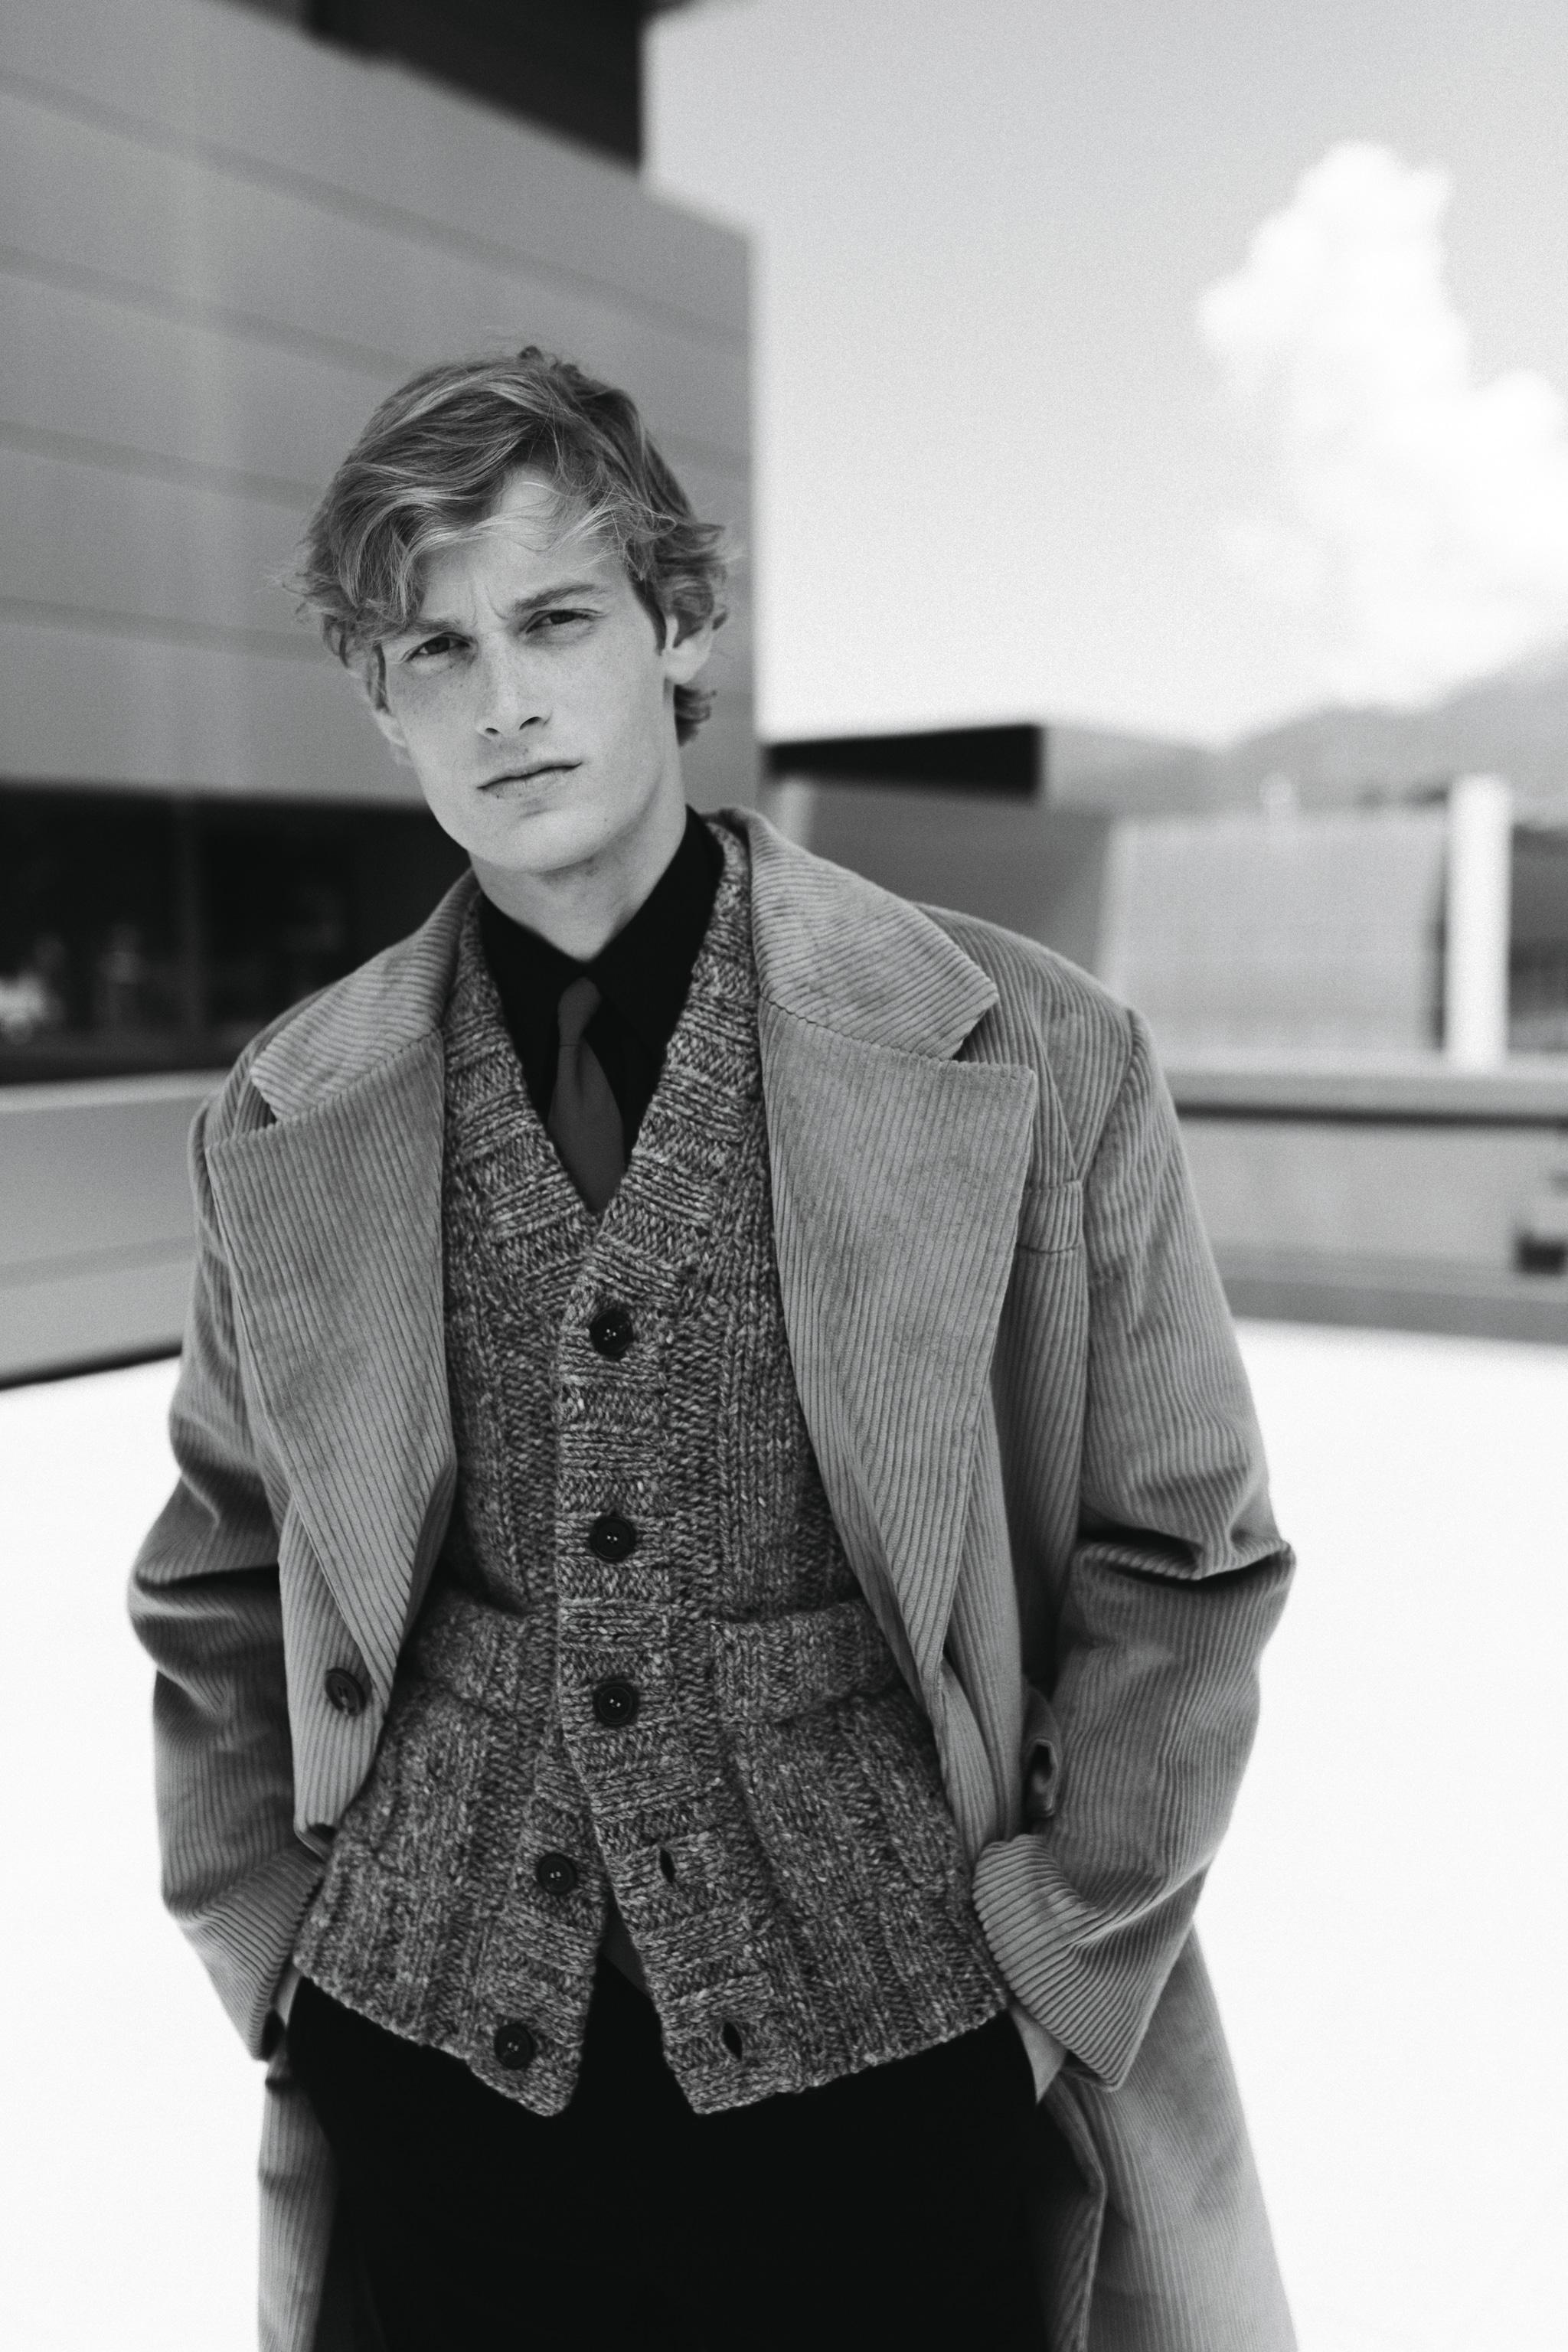 Cappotto oversize in velluto a coste, cardigan gilet in lana con tasche applicate, cravatta in seta e camicia in cotone, pantaloni in fresco lana, Prada.